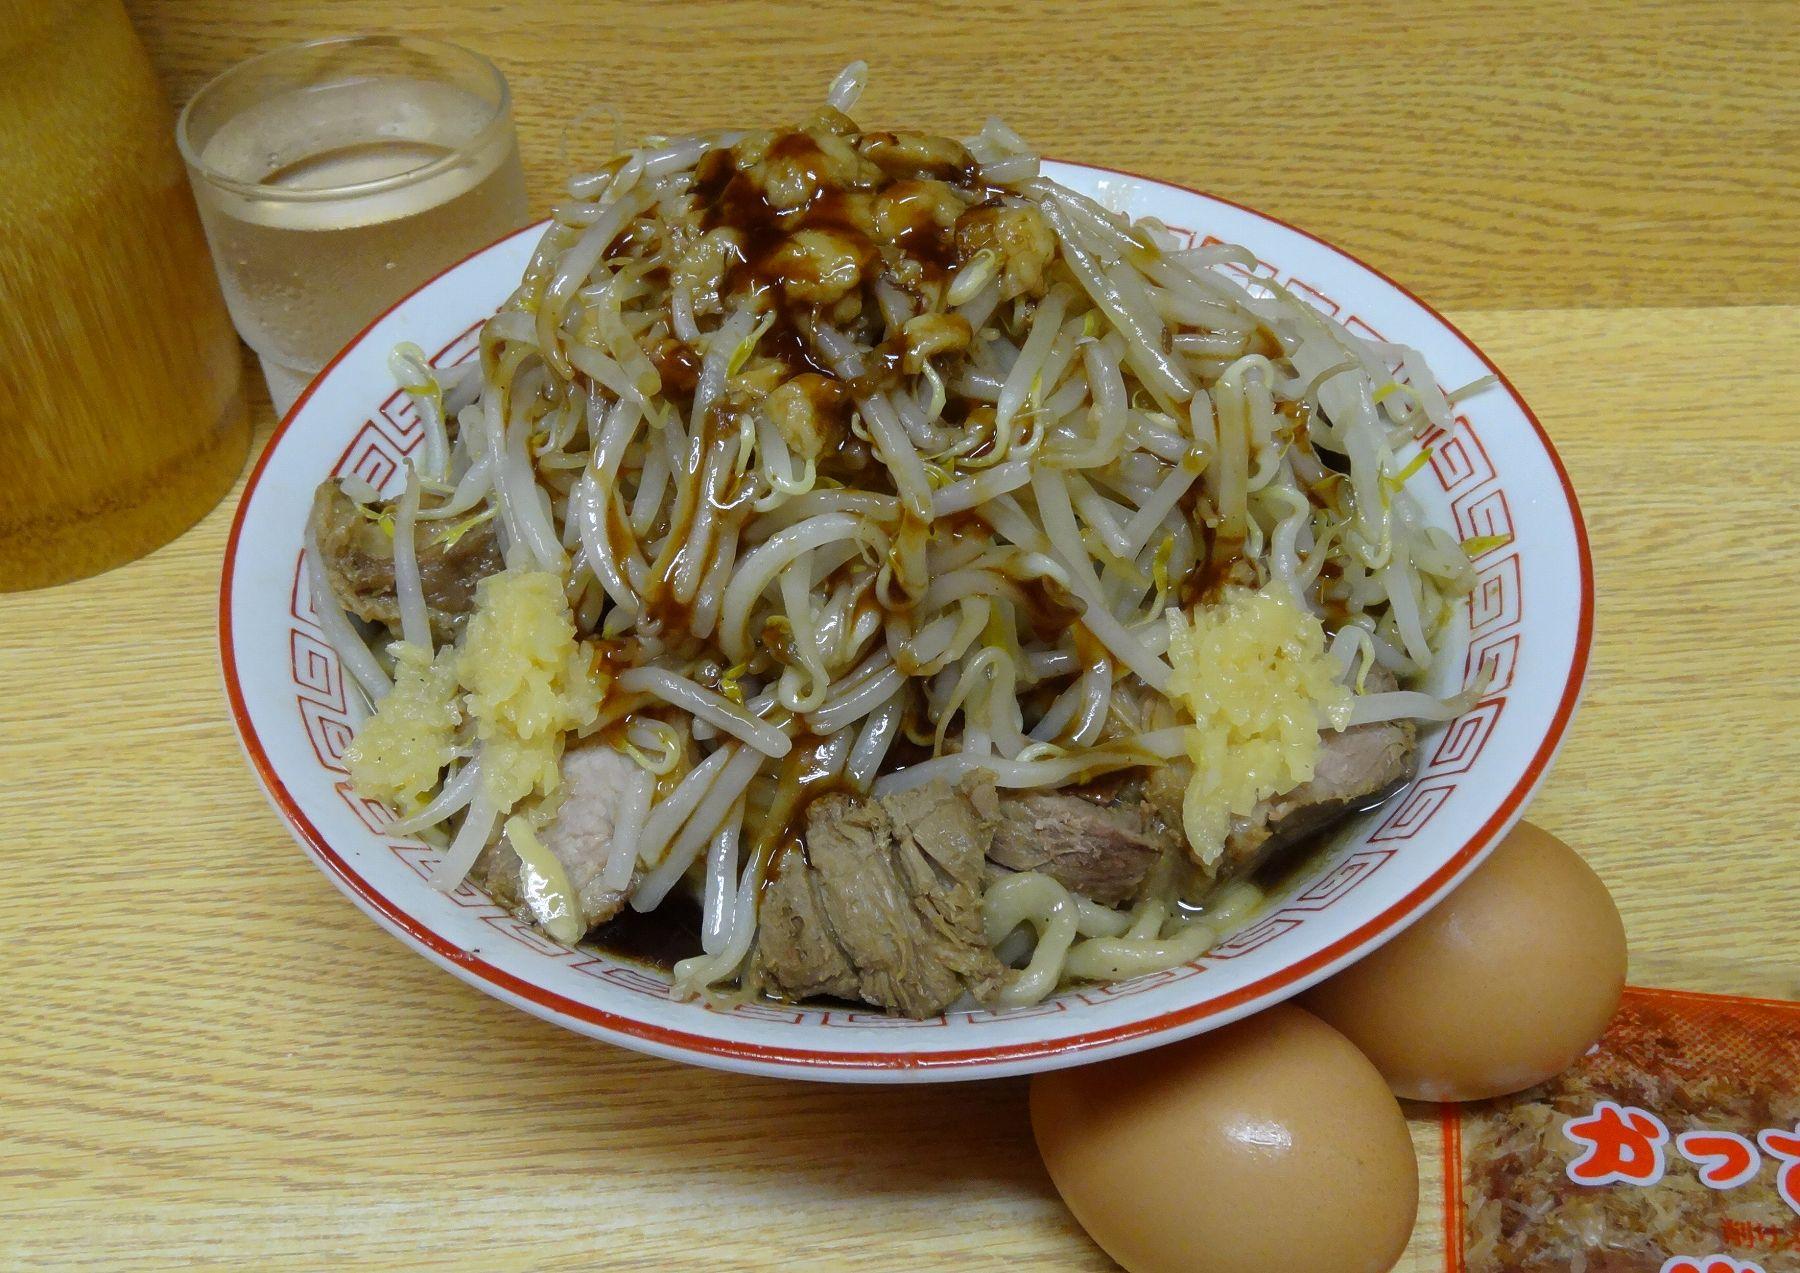 20120921009shindaita.jpg